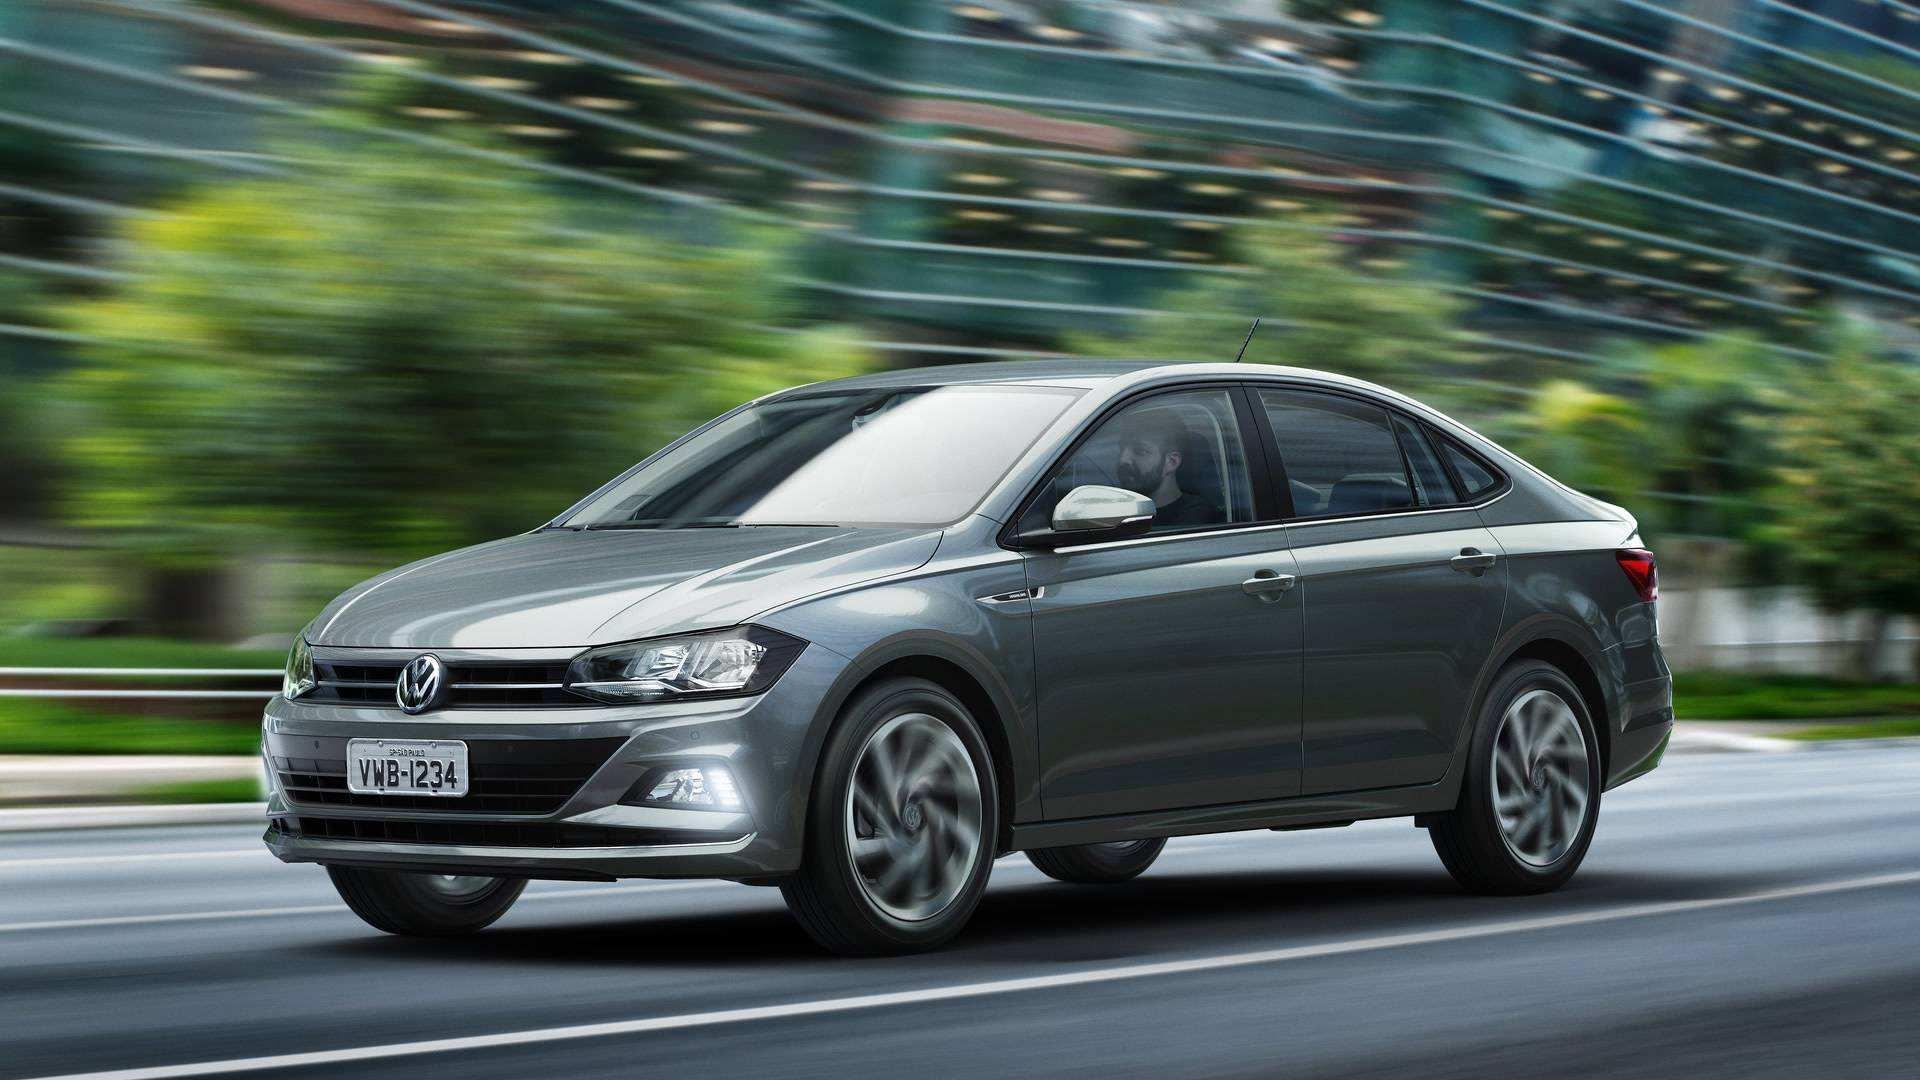 74 Best Review Volkswagen Virtus 2020 Release Date by Volkswagen Virtus 2020